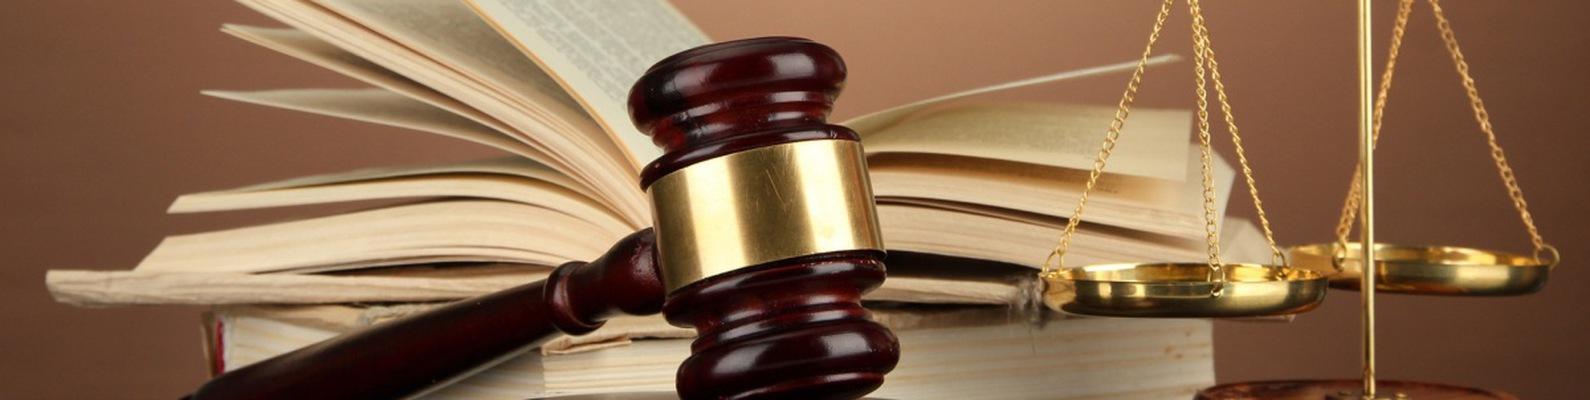 С законом всё в порядке. Как избежать юридических проблем